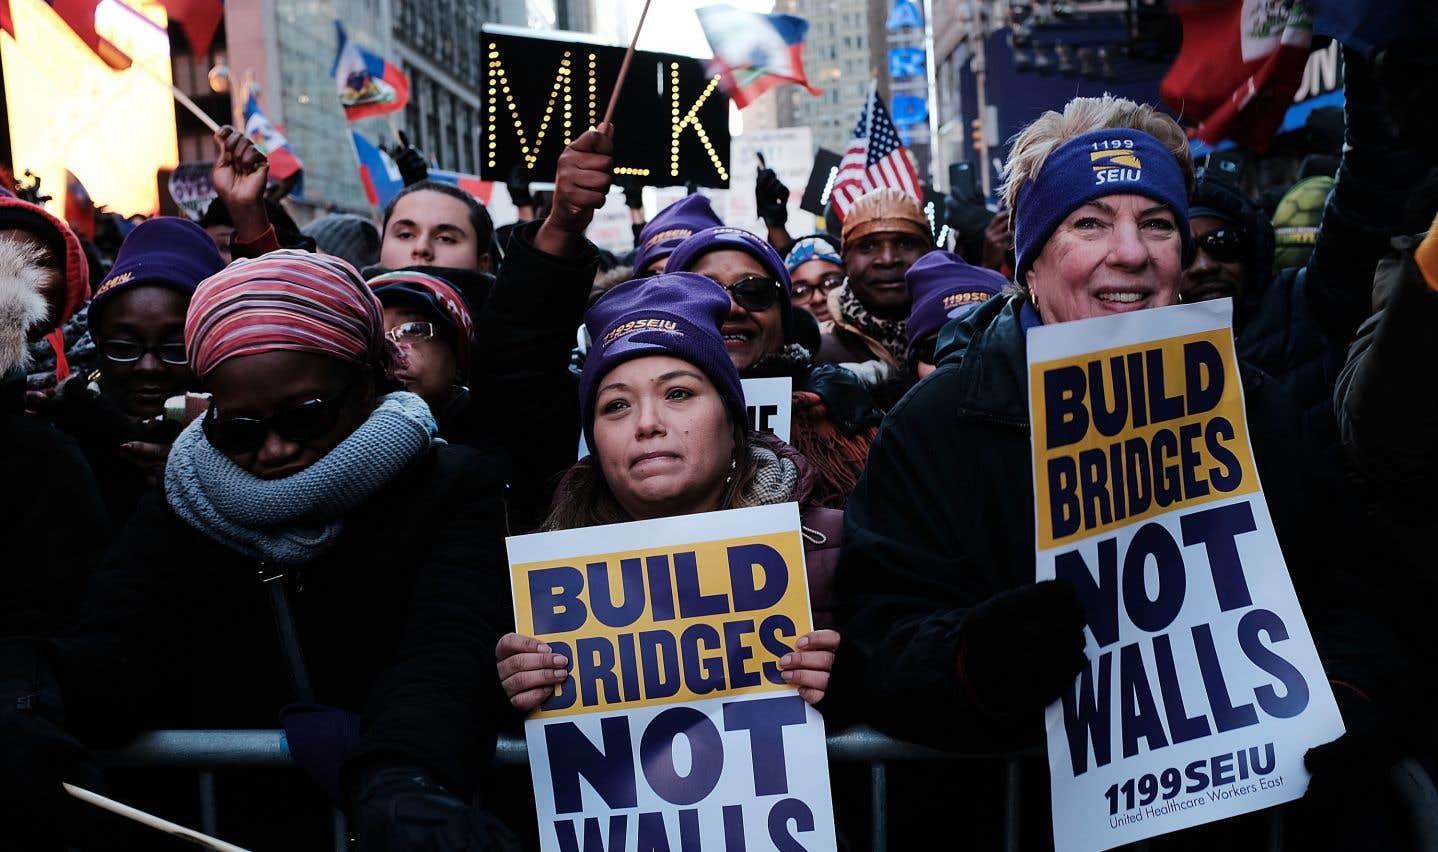 Des centaines de personnes manifestent à Times Square le jour de Martin Luther King, le 15 janvier dernier, à la suite des commentaires controversés du président Trump concernant Haïti et les pays africains.